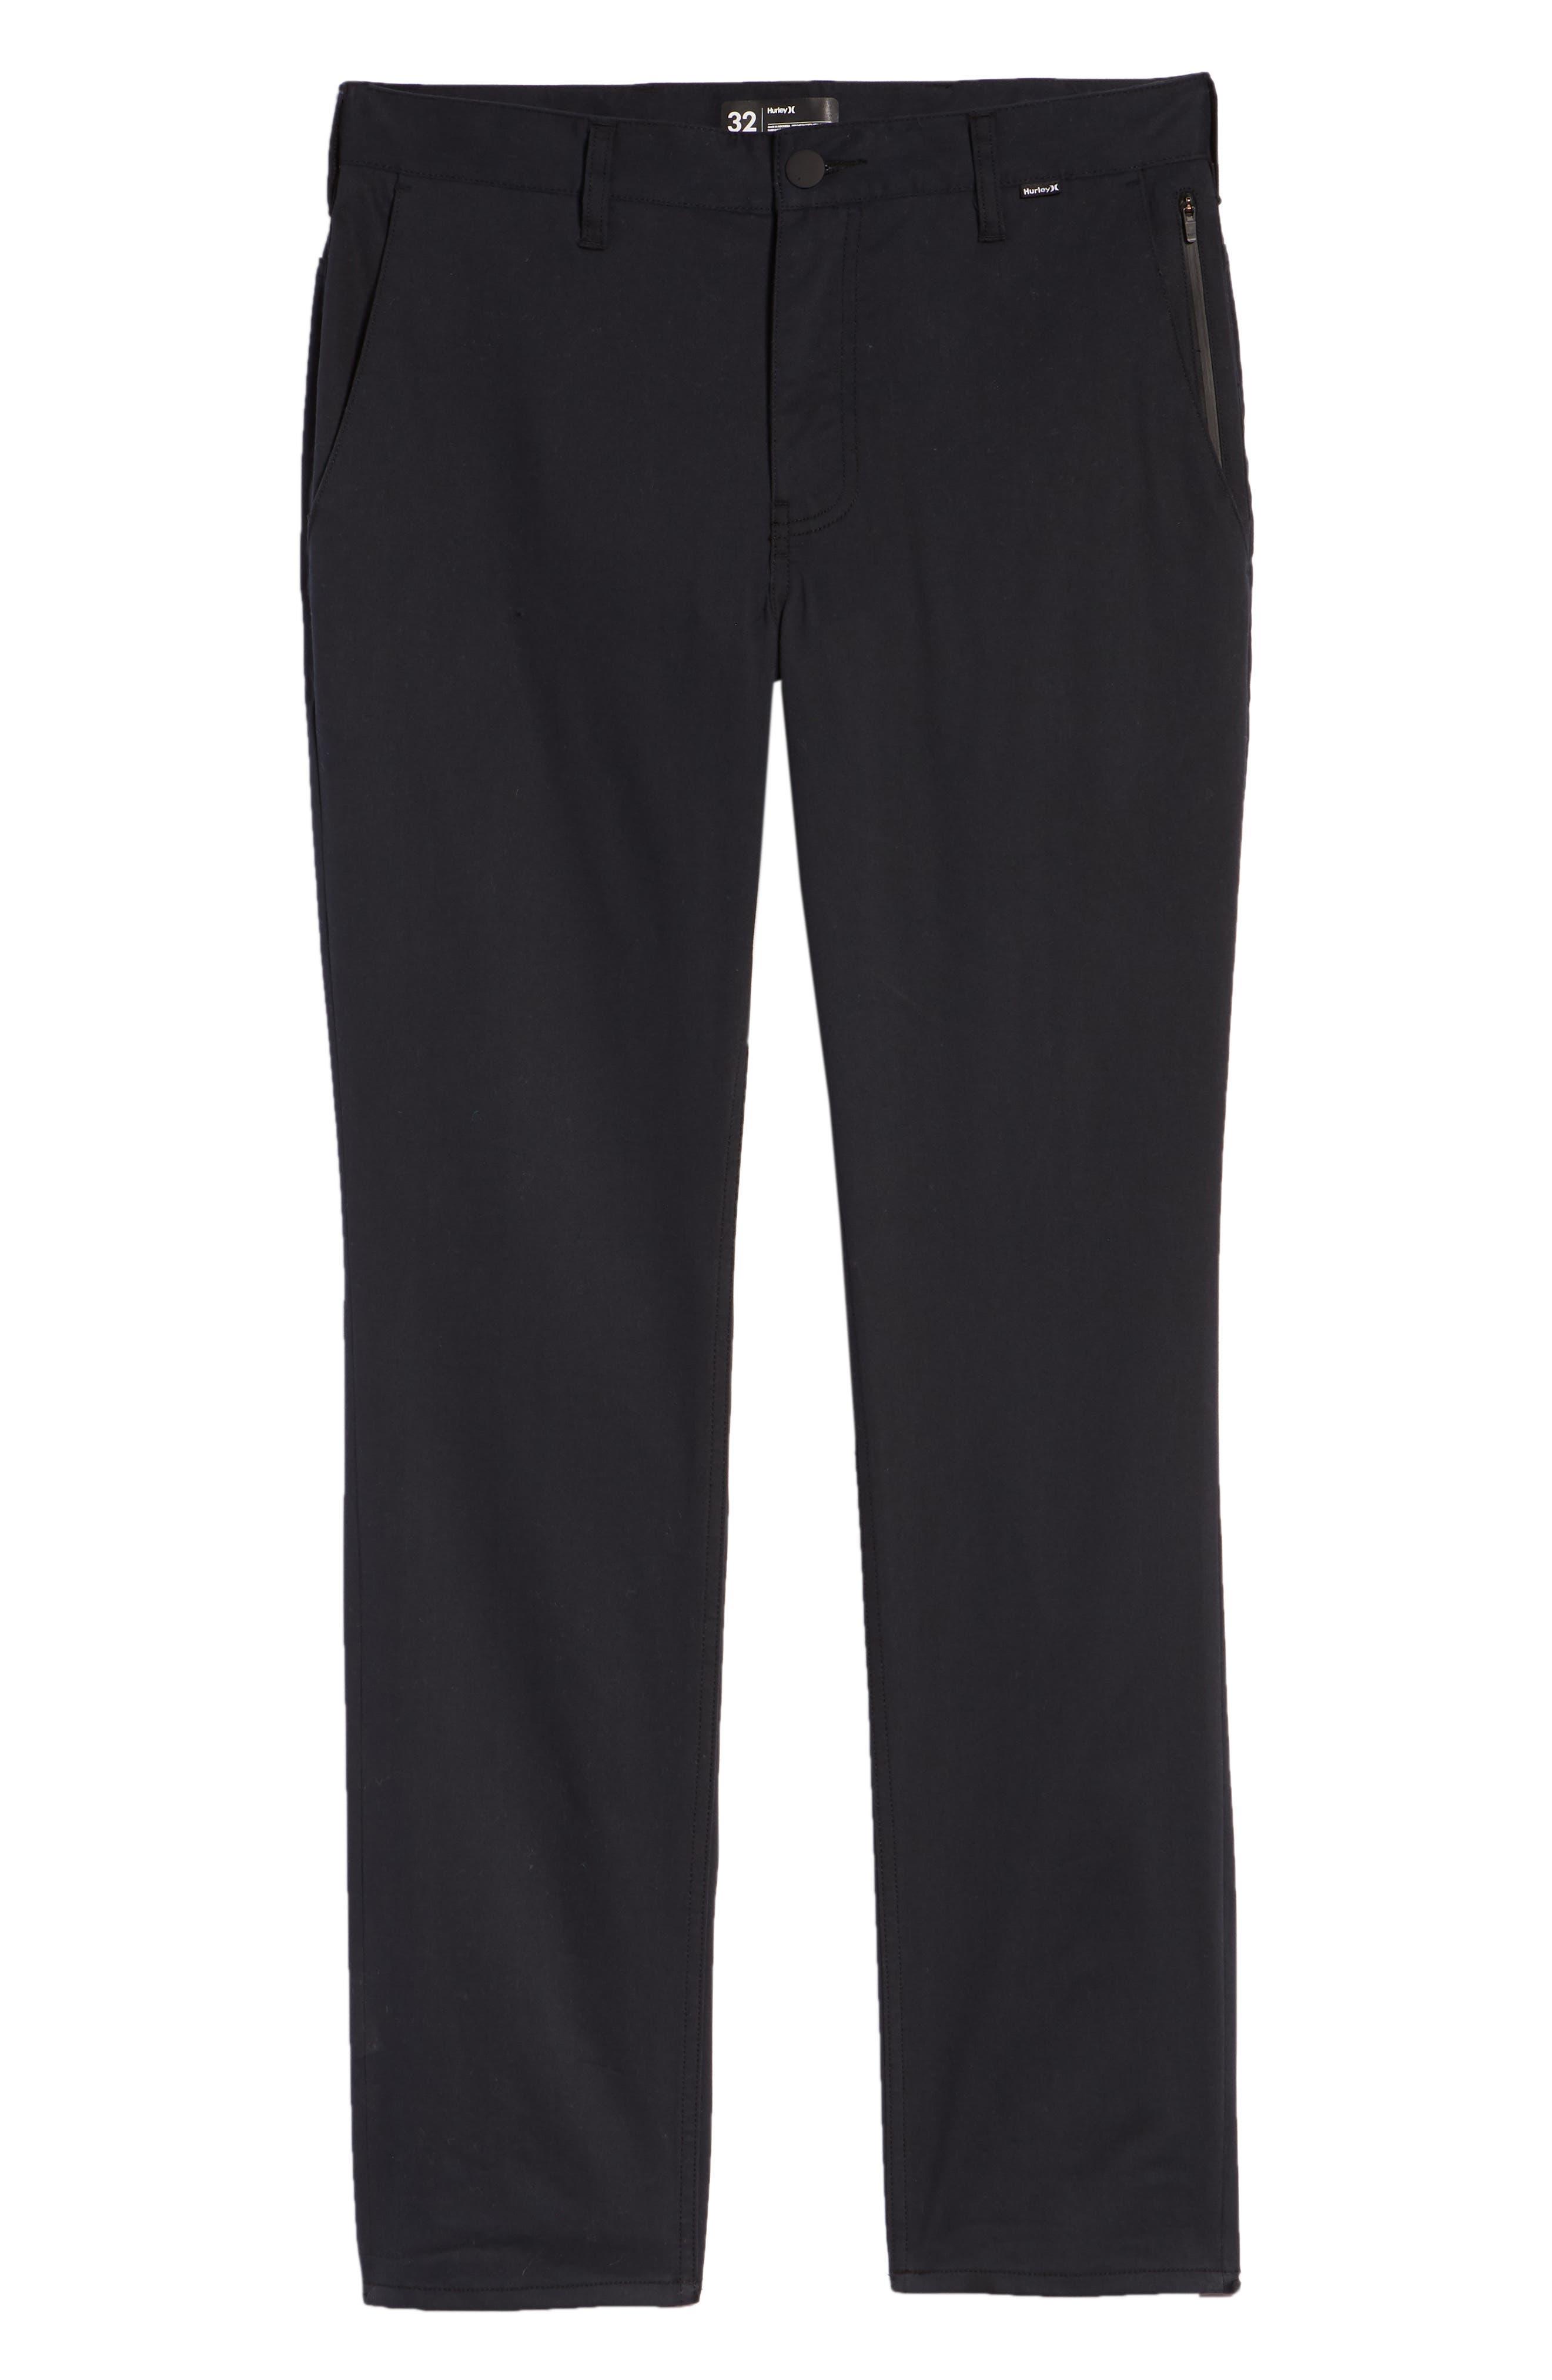 Dri-FIT Pants,                             Alternate thumbnail 6, color,                             BLACK